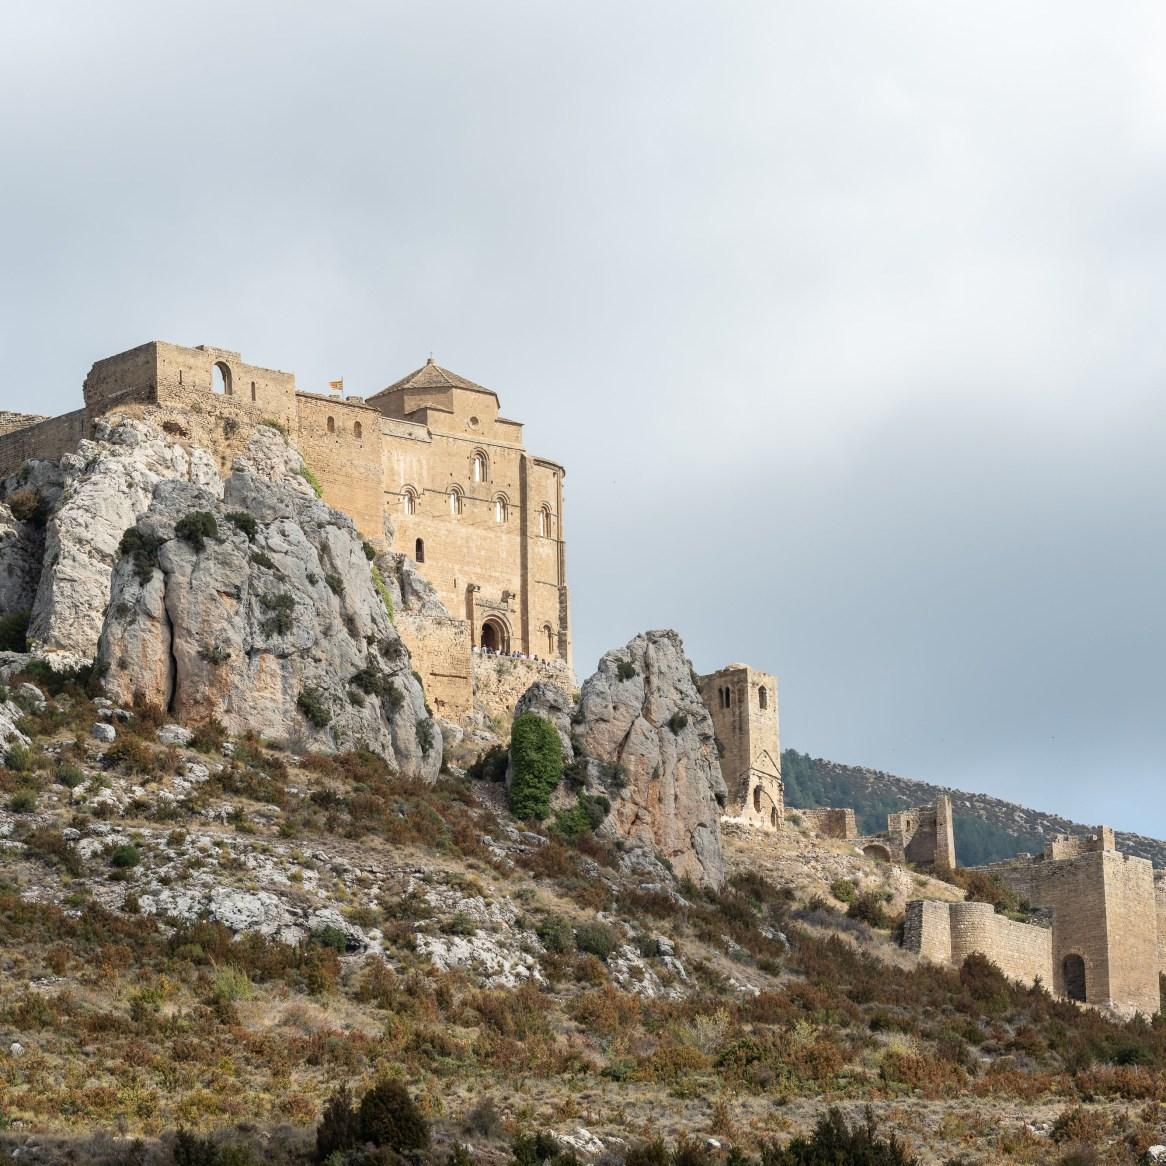 Loarre_vista-aerea-castillo-loarre